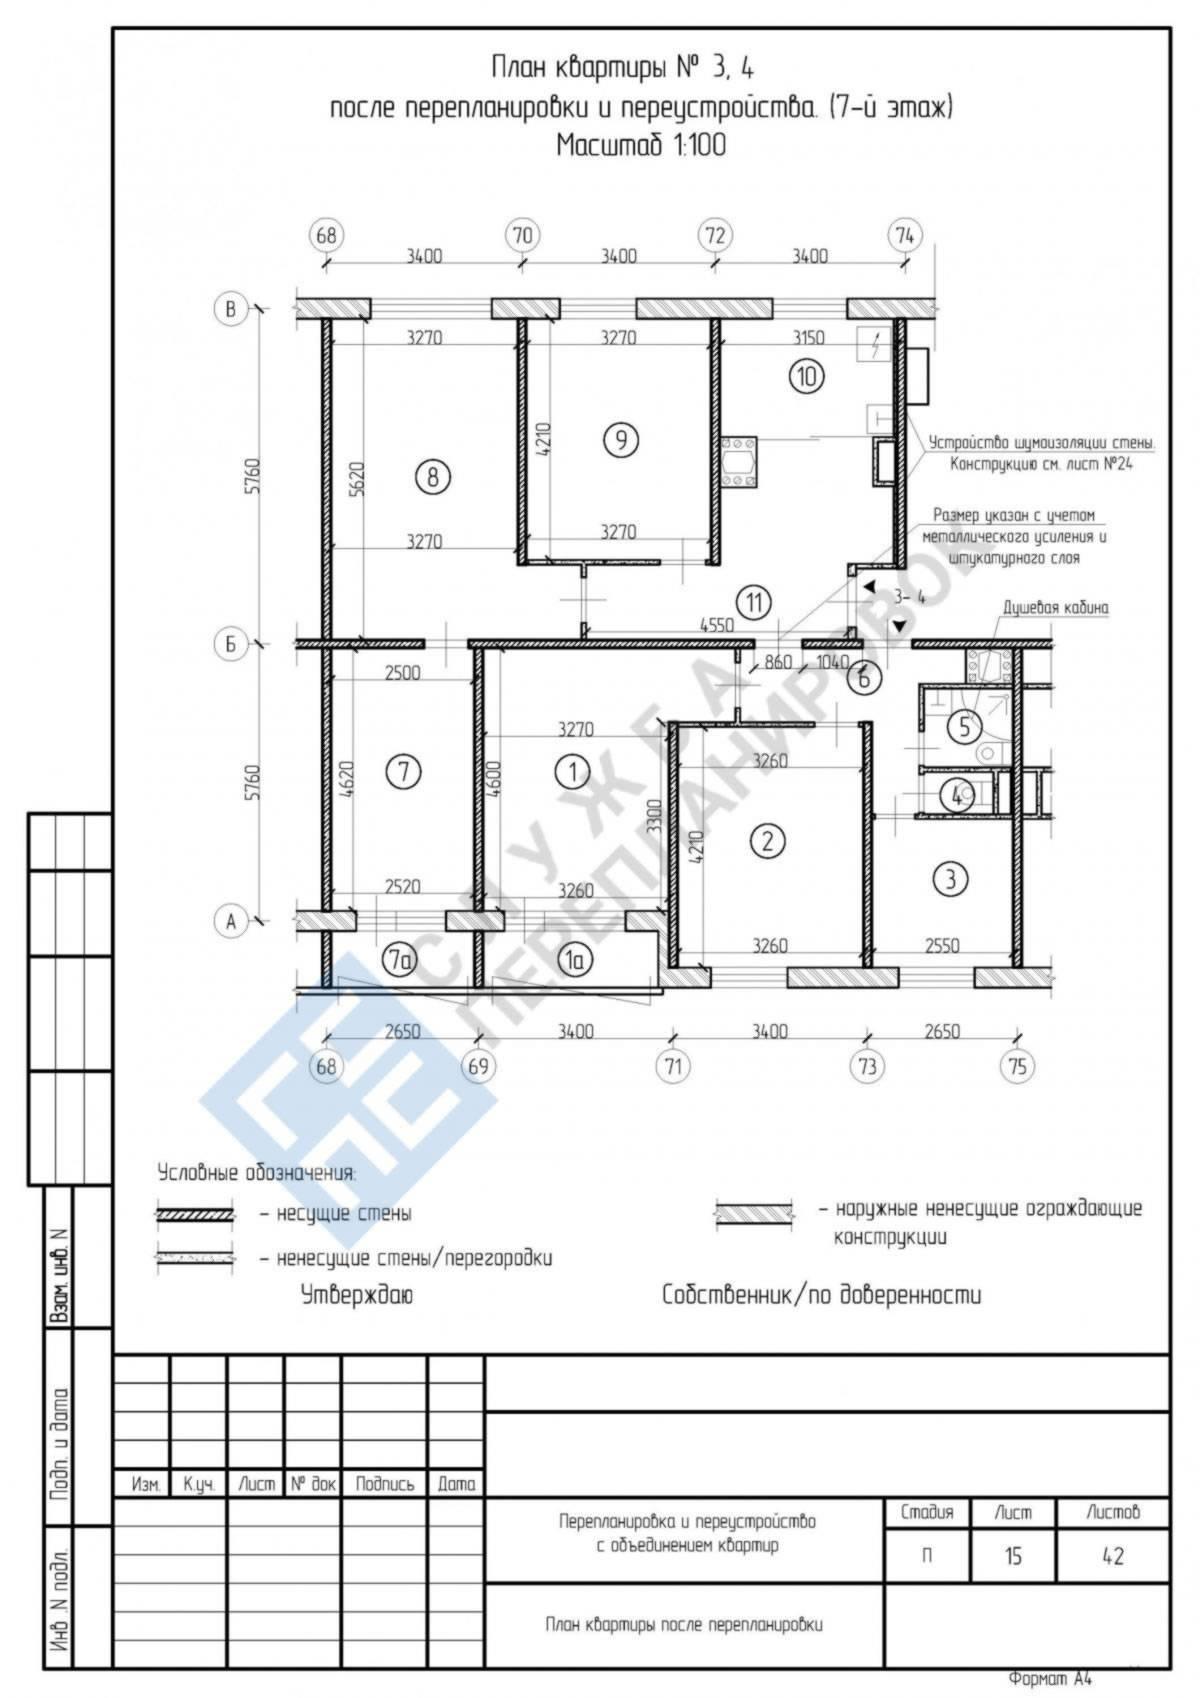 Какой должна быть толщина перегородок и несущих стен в панельном доме?